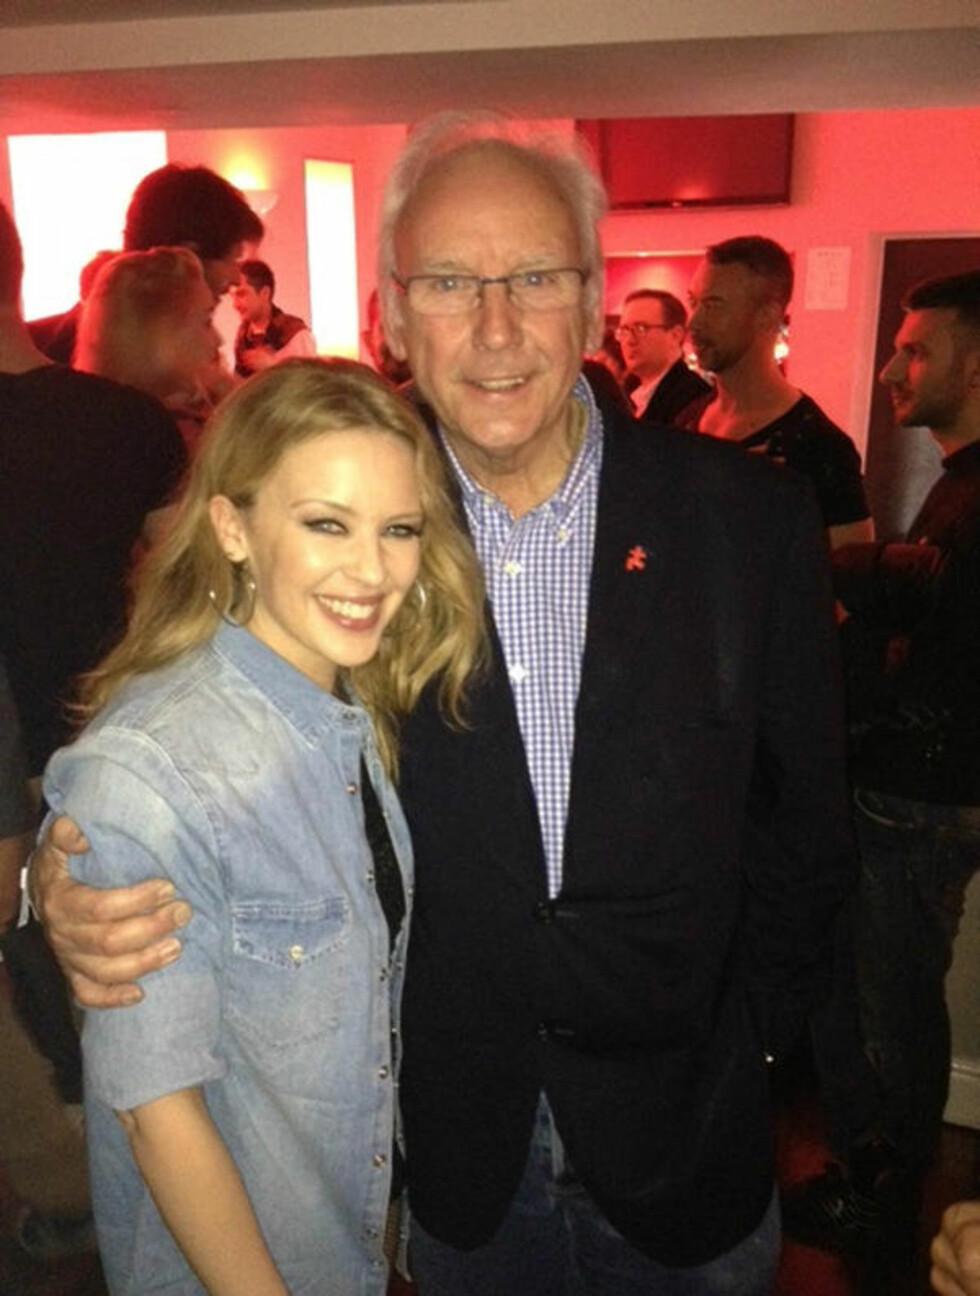 TRAFF GAMLESJEFEN: Kylie Minogue er for tiden i hjemlandet Australia, hvor hun blant annet benyttet anledningen til å hilse på sin gamle produsent Peter Waterman, som stod bak hennes suksess på 80-tallet. Foto: Twitter/Stella